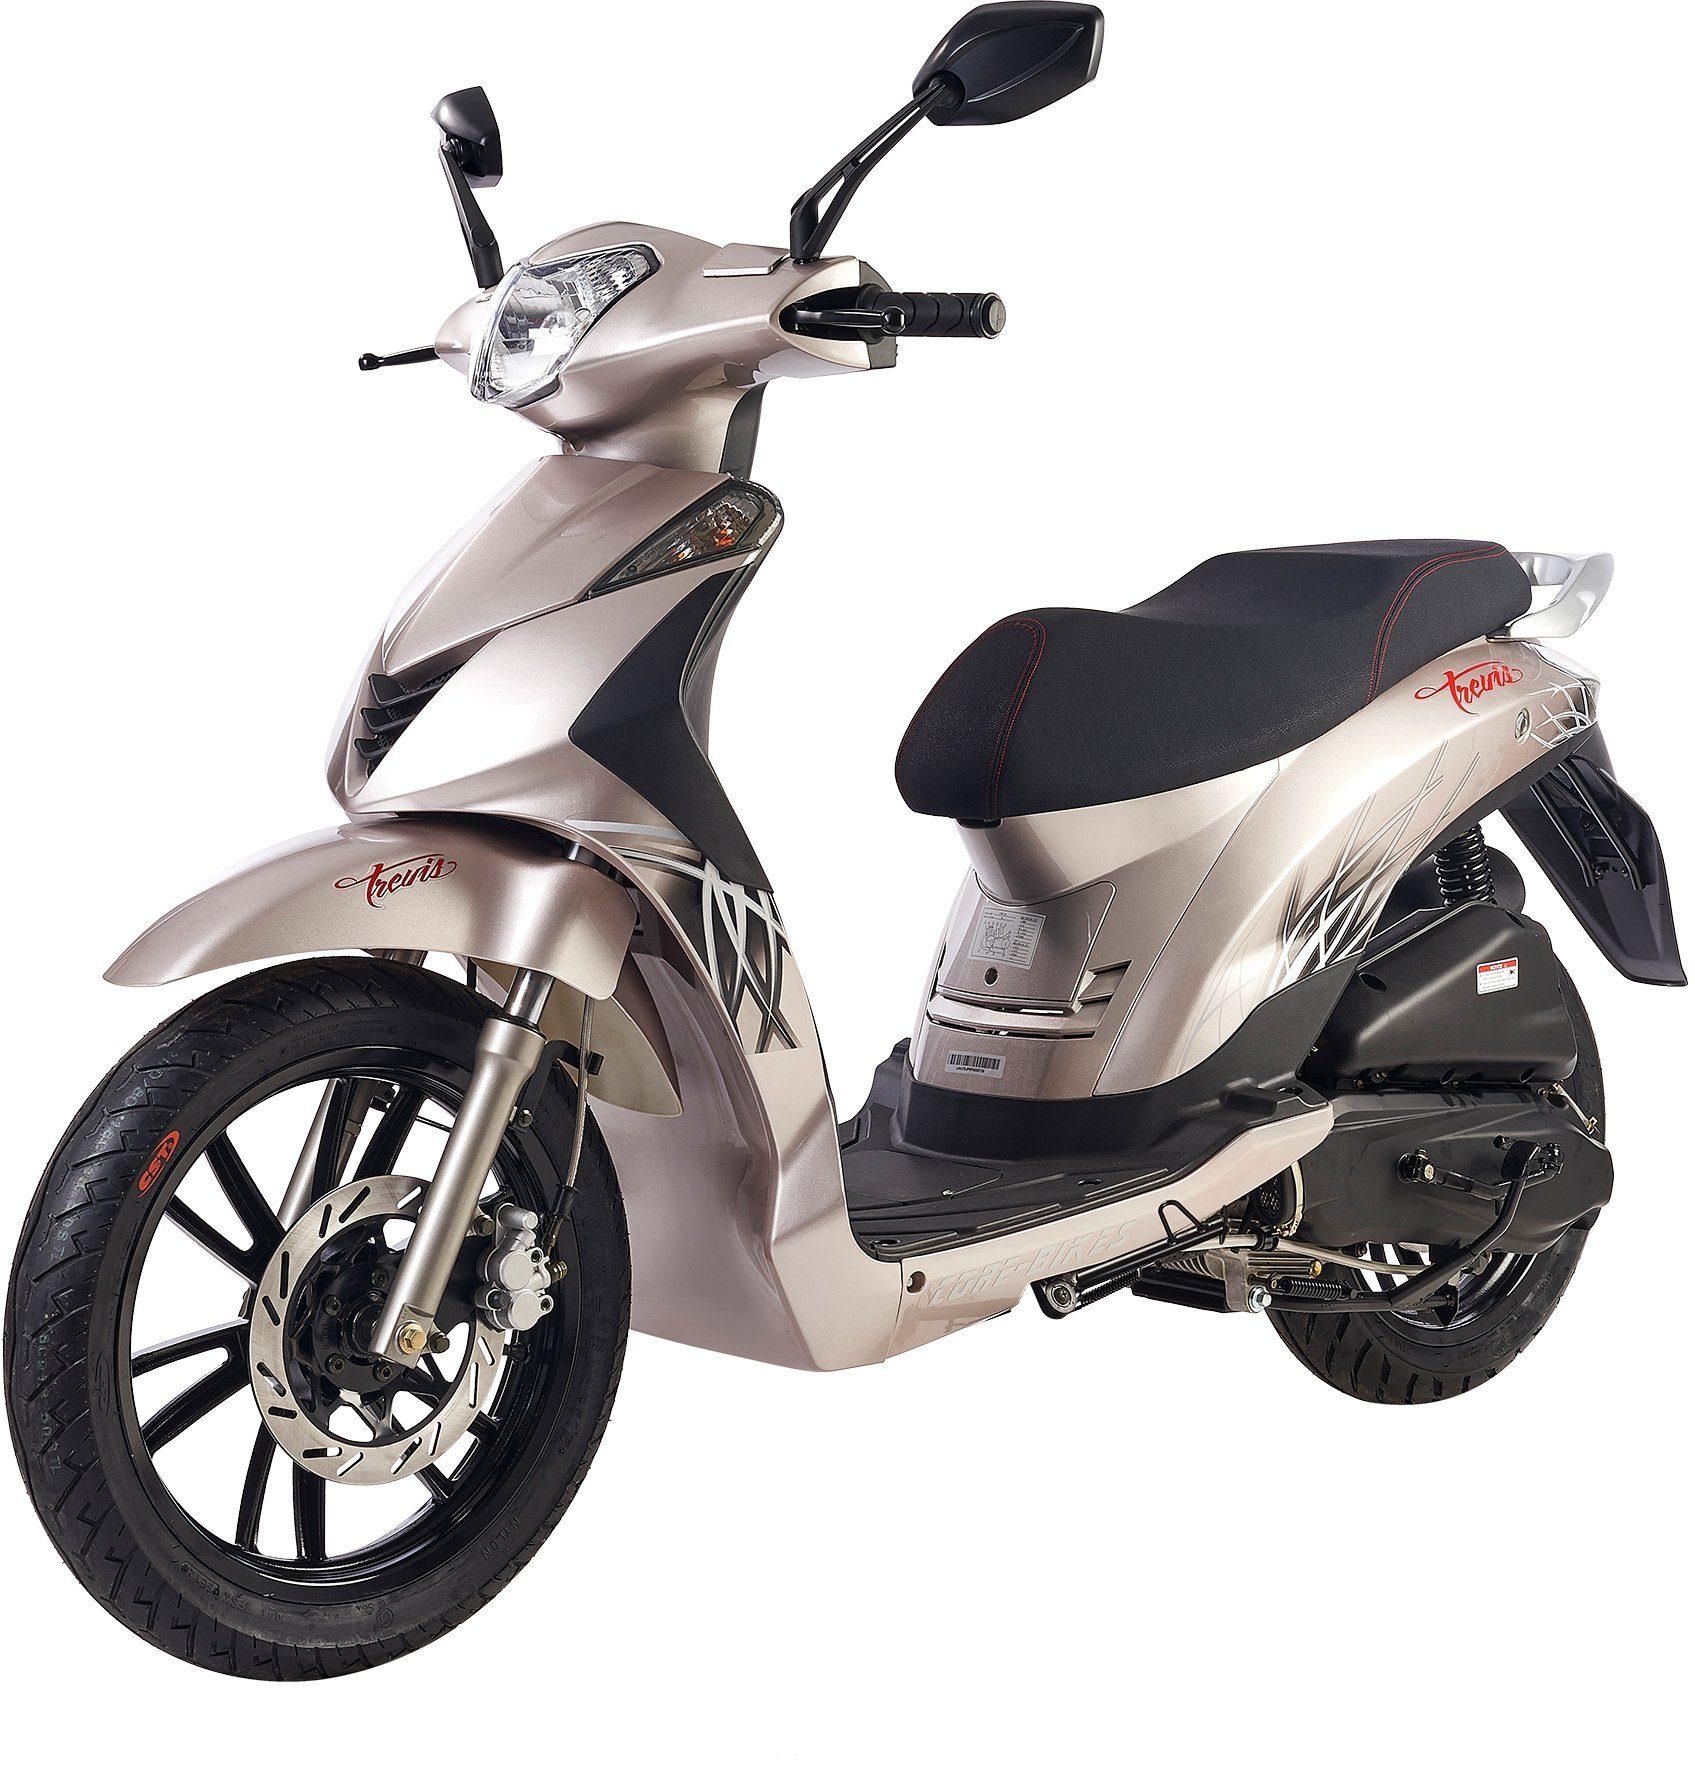 Luxxon, Leichtkraftroller, 125 ccm, 86 km/h, »Core-Bikes Trevis 125«